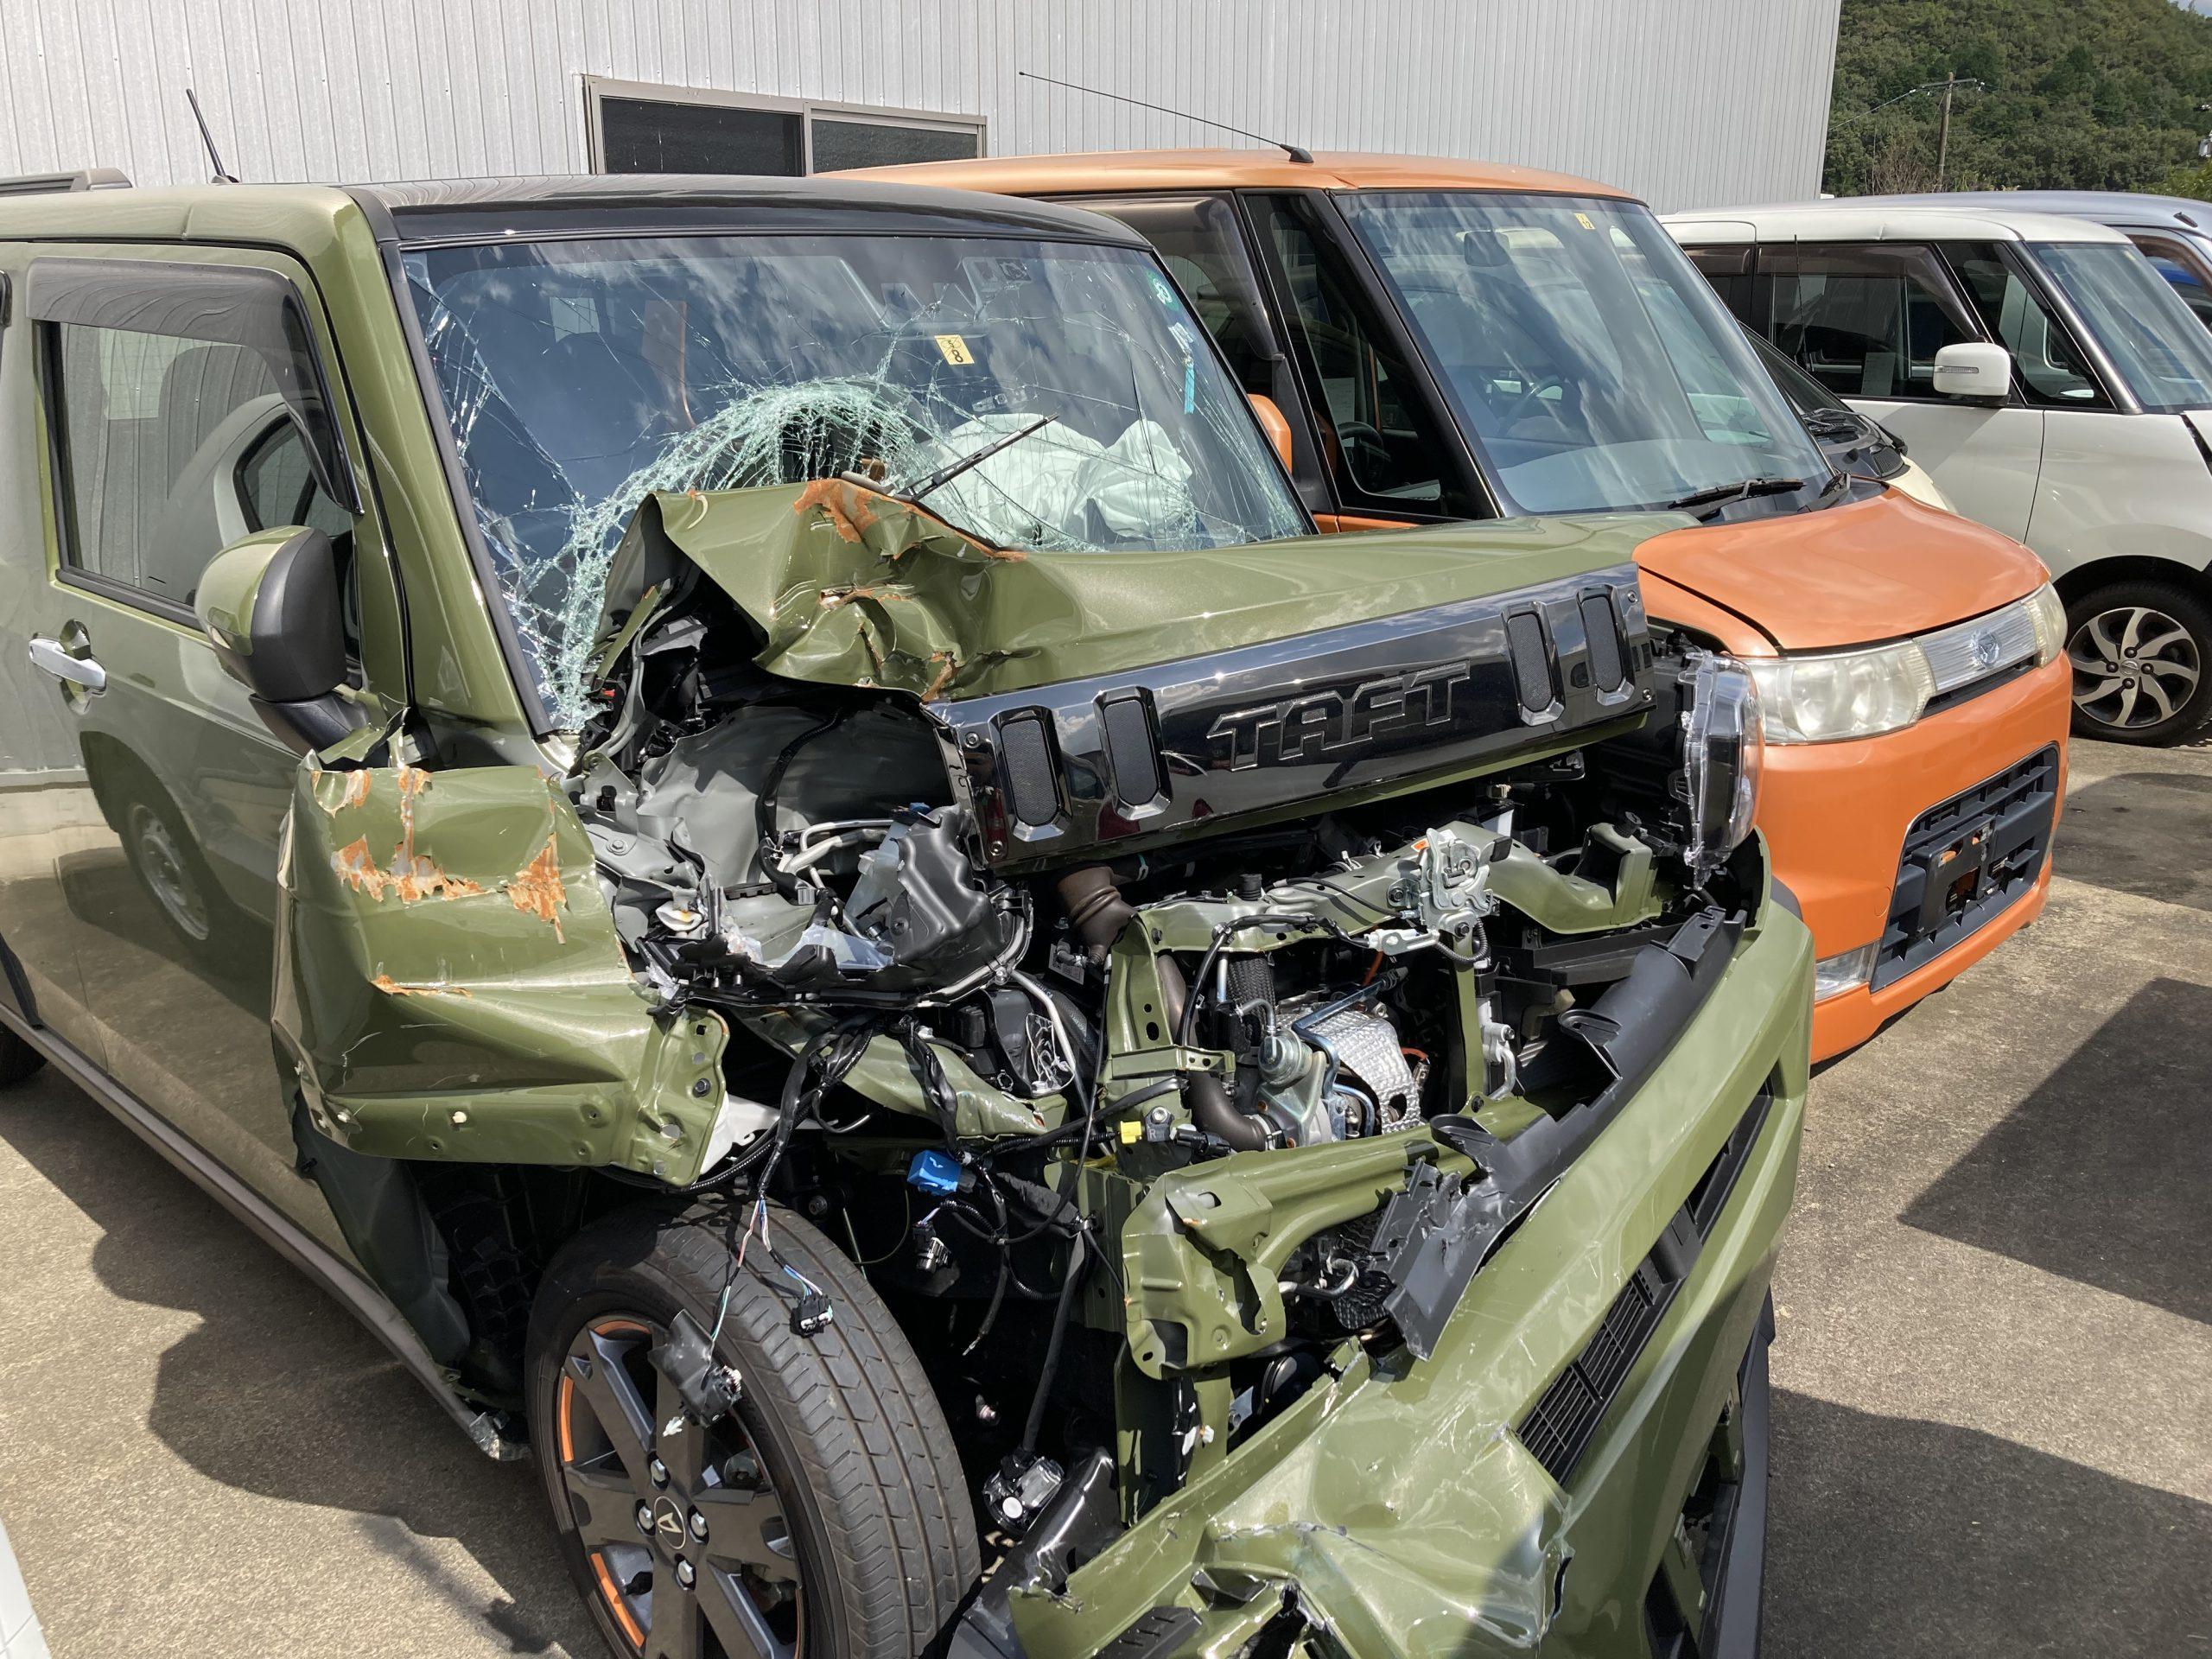 フレームまでは損傷しているフロント大破の軽自動車